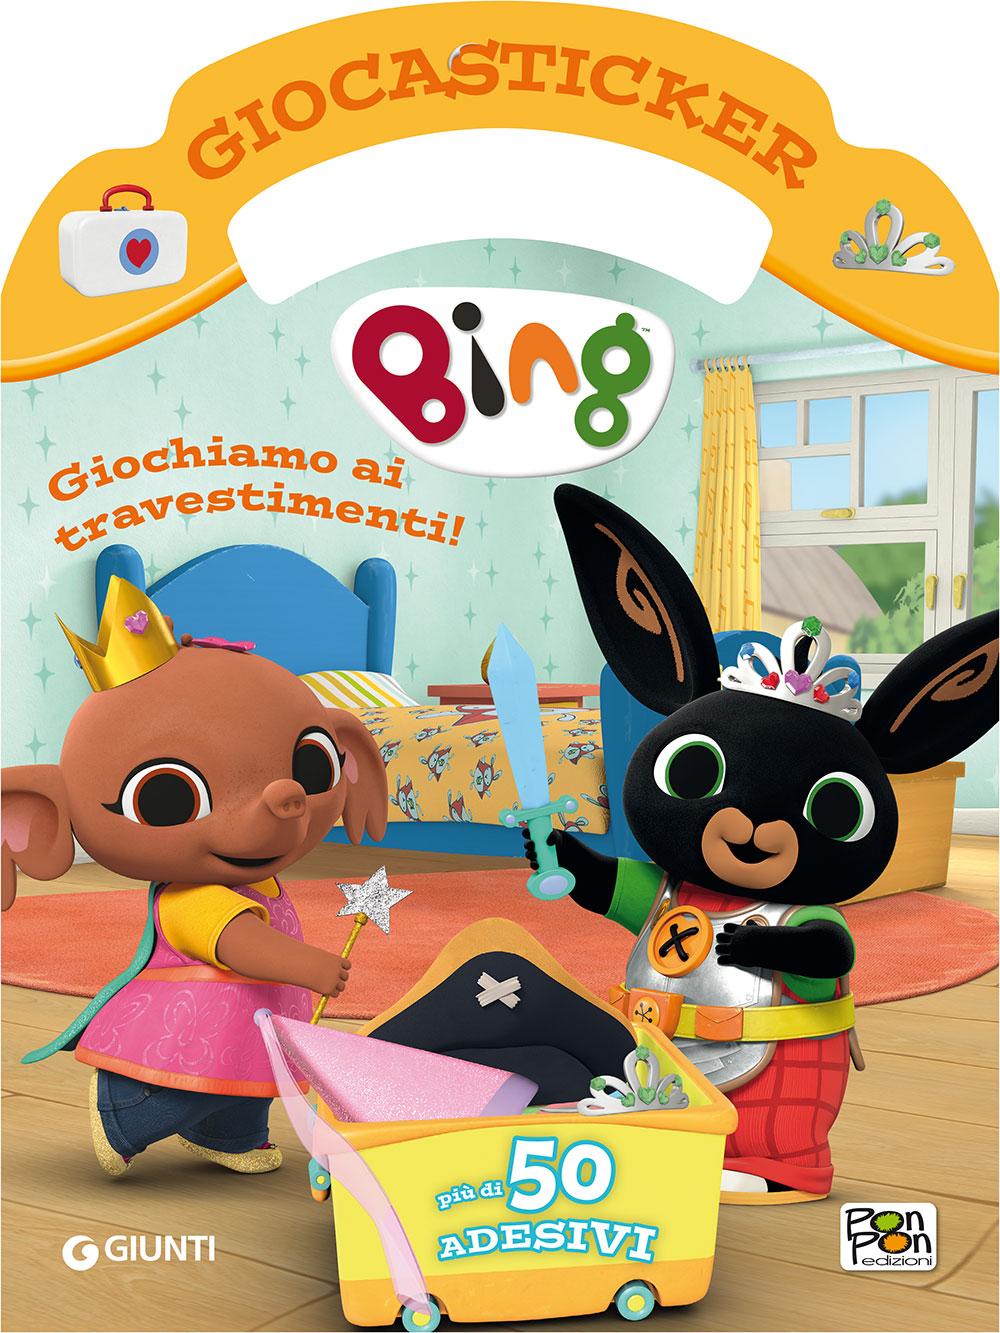 Giocasticker Bing - Giochiamo ai travestimenti